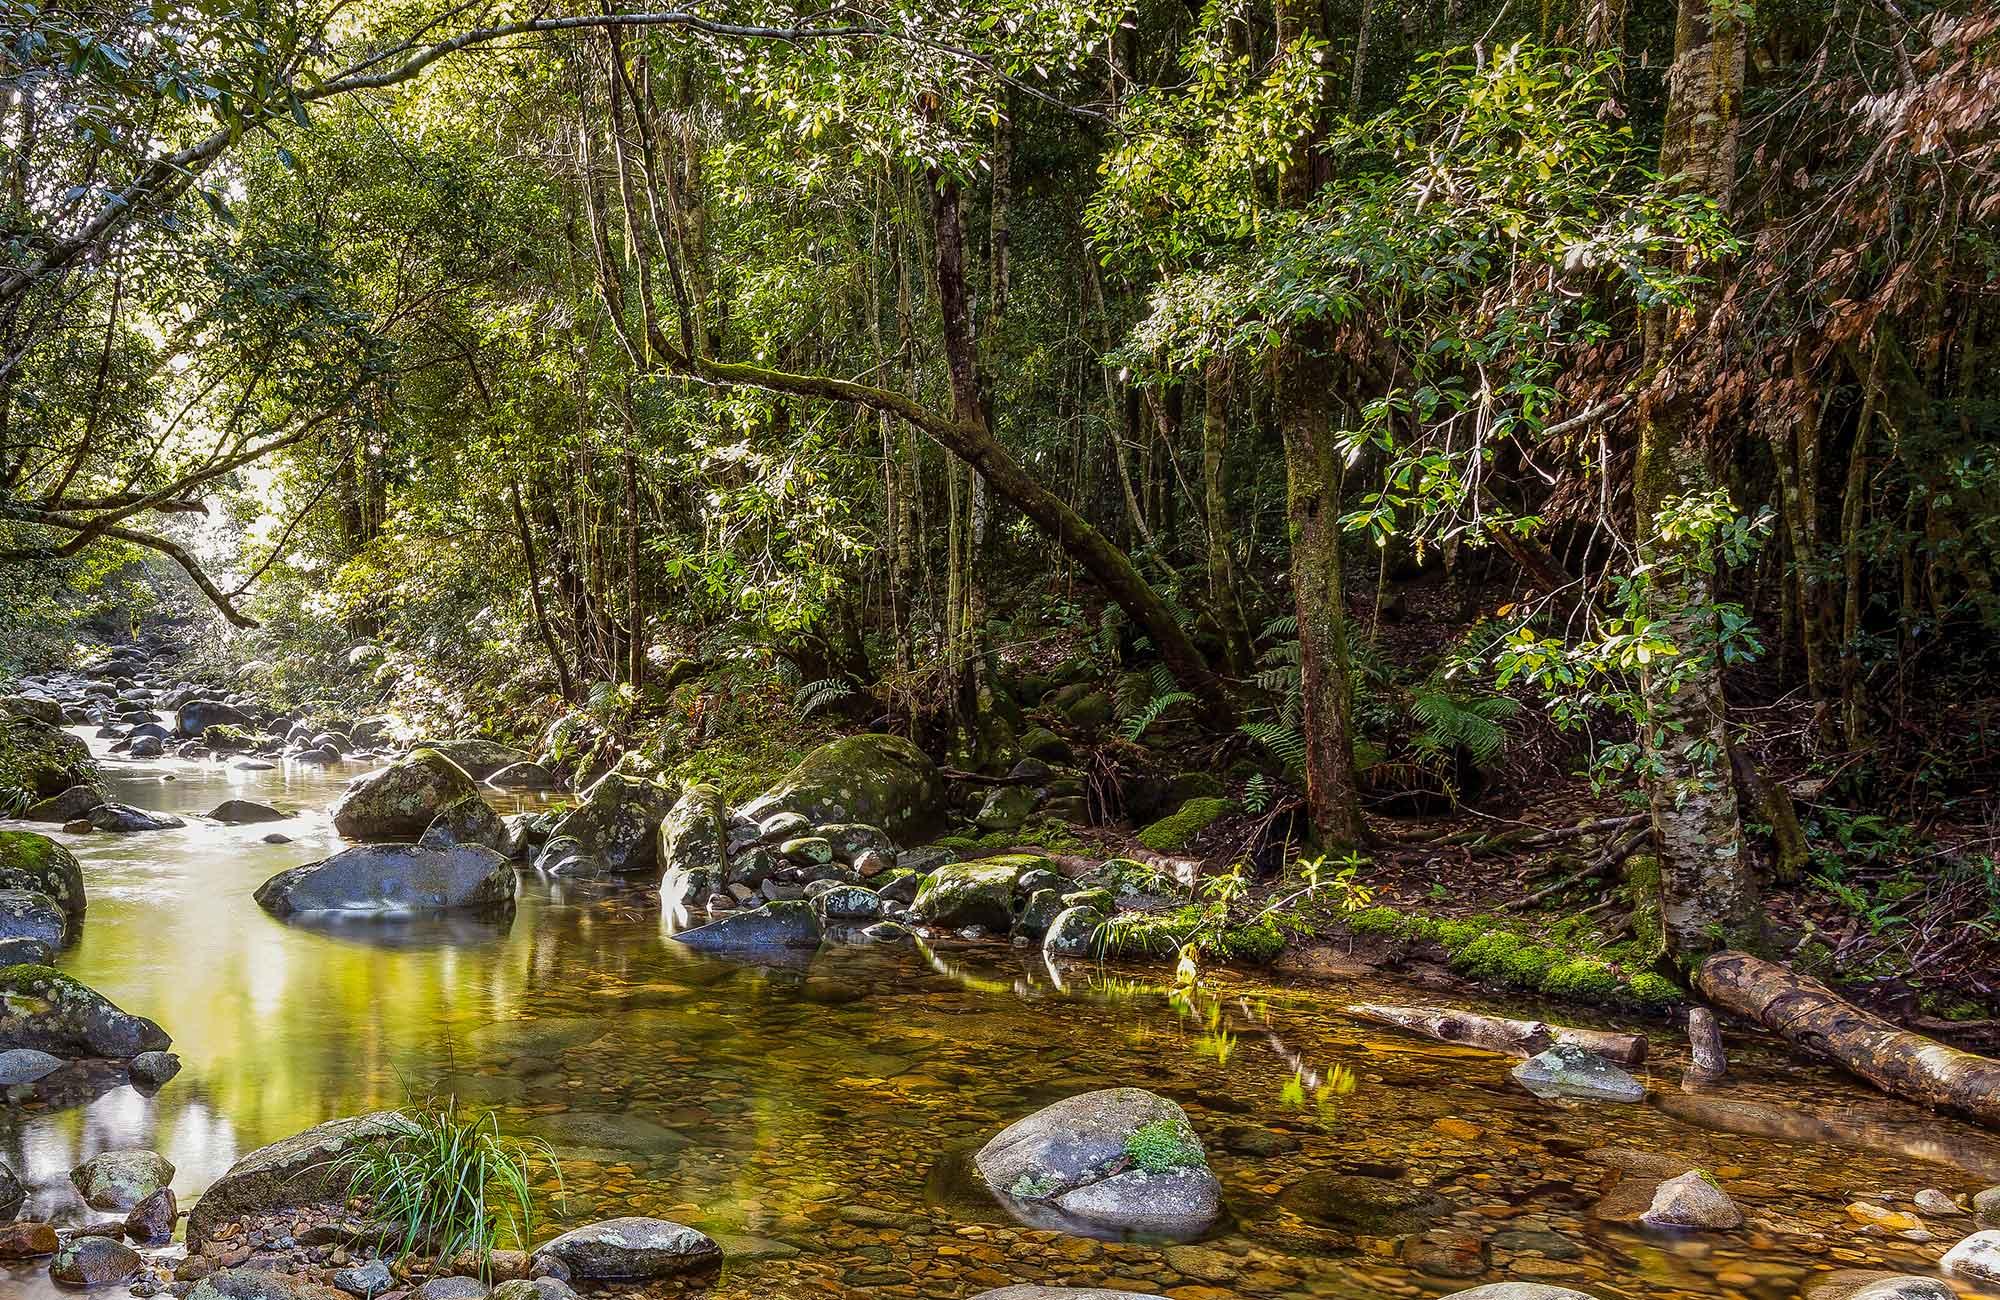 frogs gondwana background - Du lịch Gold Coast, 8 điều bạn cần PHẢI BIẾT